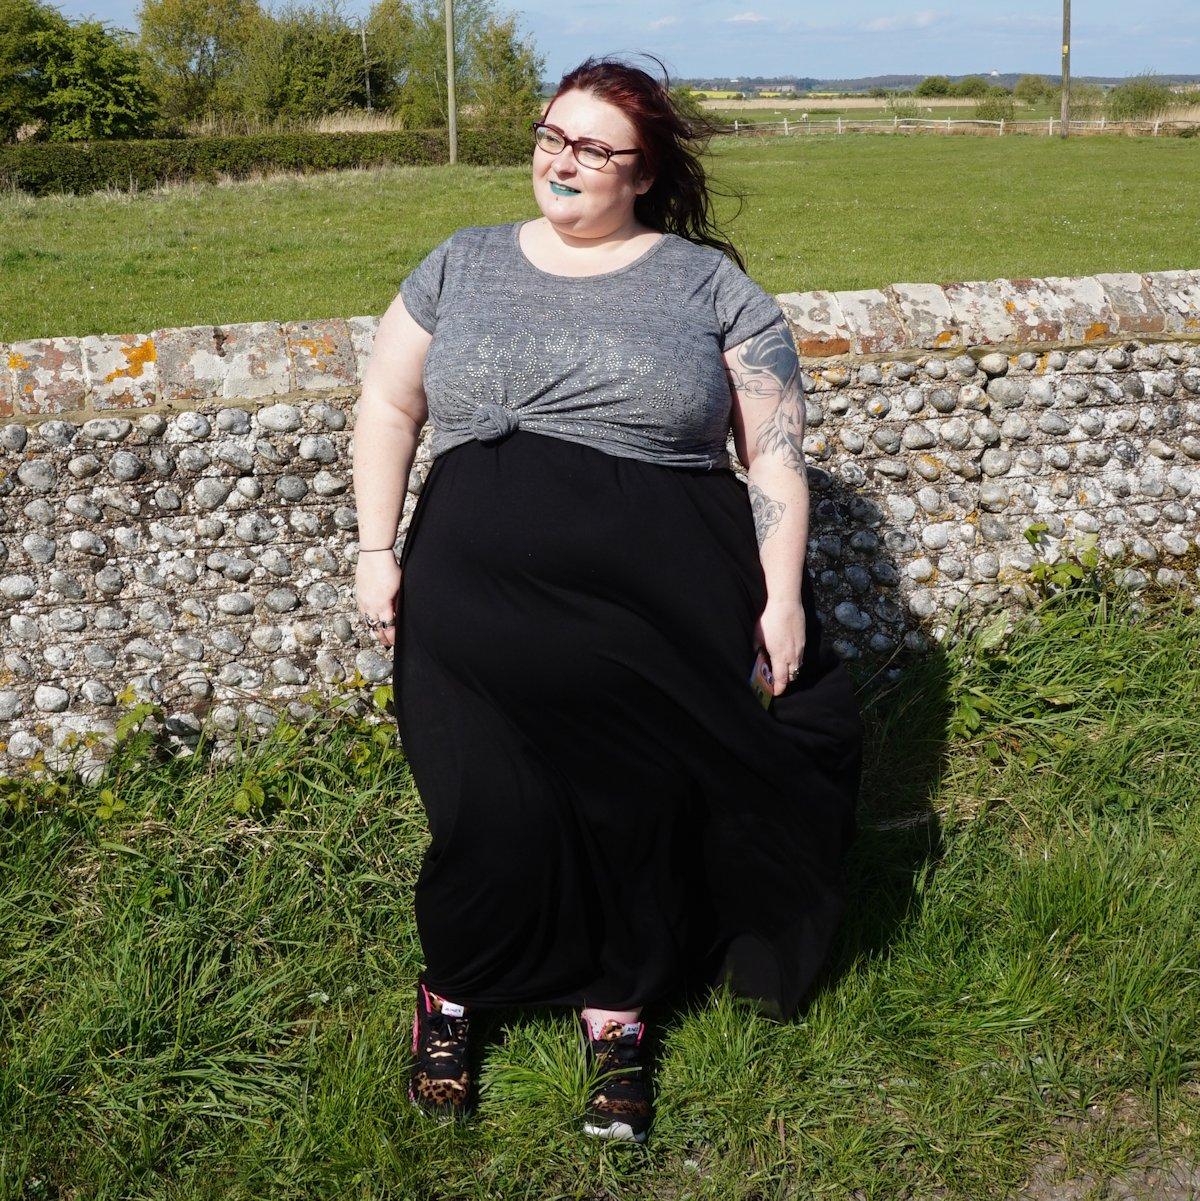 ASOS-Curve-hareem-drape-dress-witchy-boho-gothic-oversized // WWW.XLOVELEAHX.CO.UK